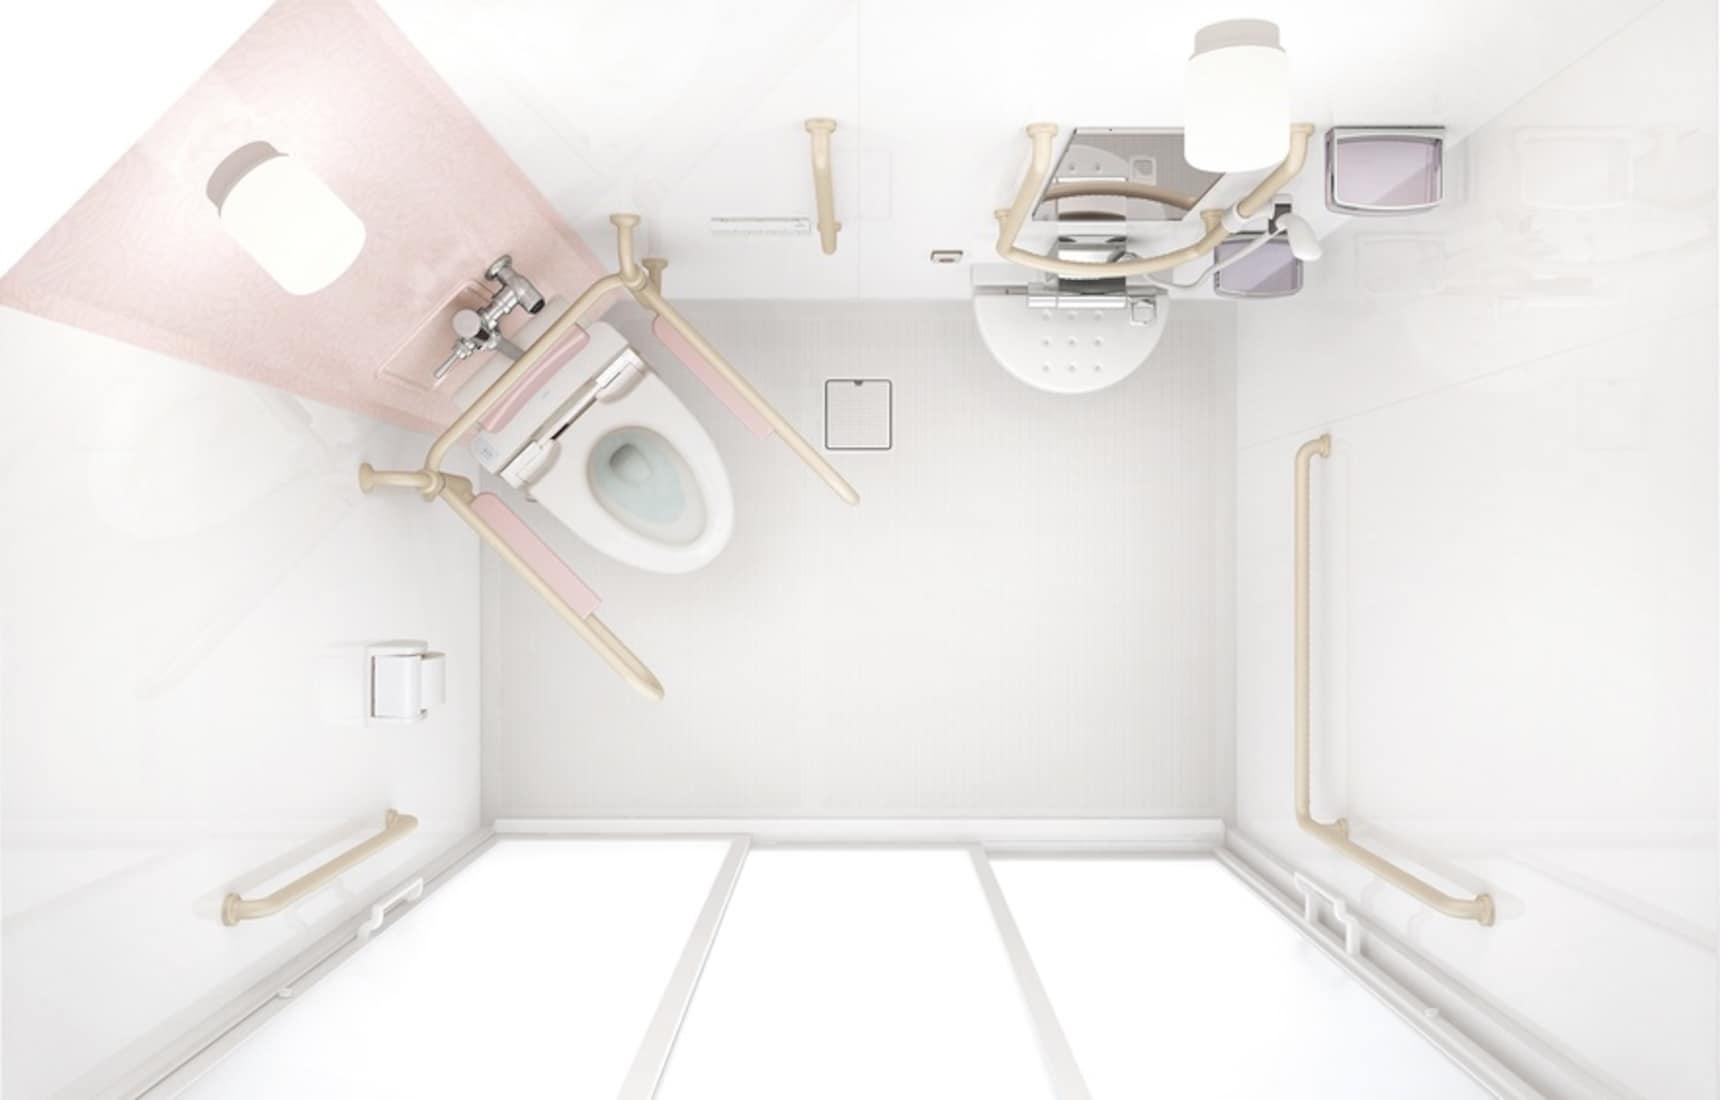 6 ของในห้องน้ำที่คว้ารางวัล Good Design Awards